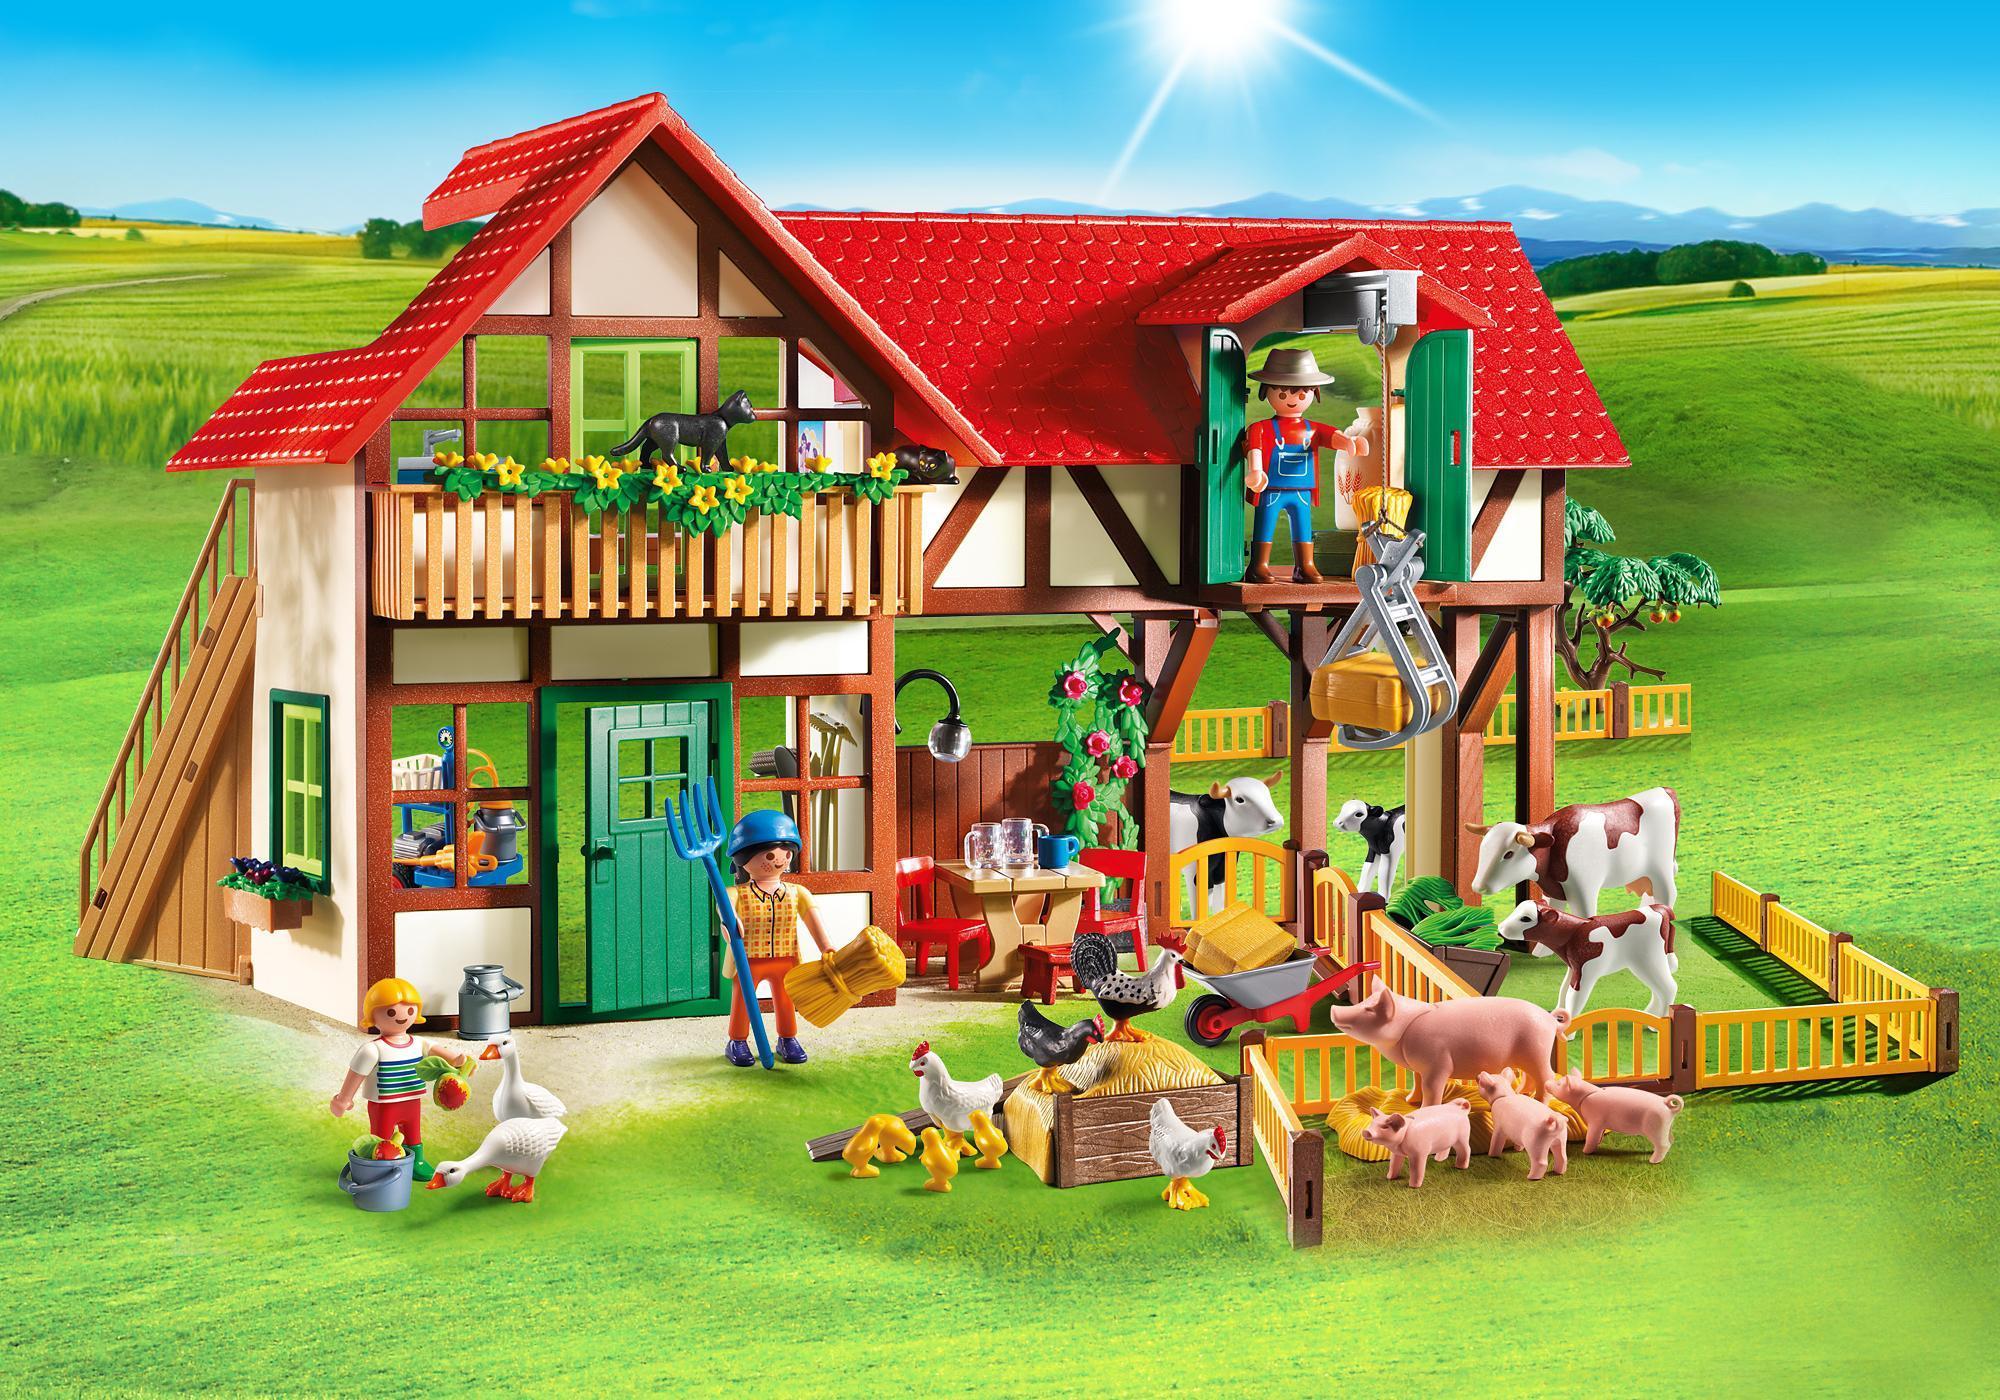 http://media.playmobil.com/i/playmobil/6120_product_detail/Large Farm